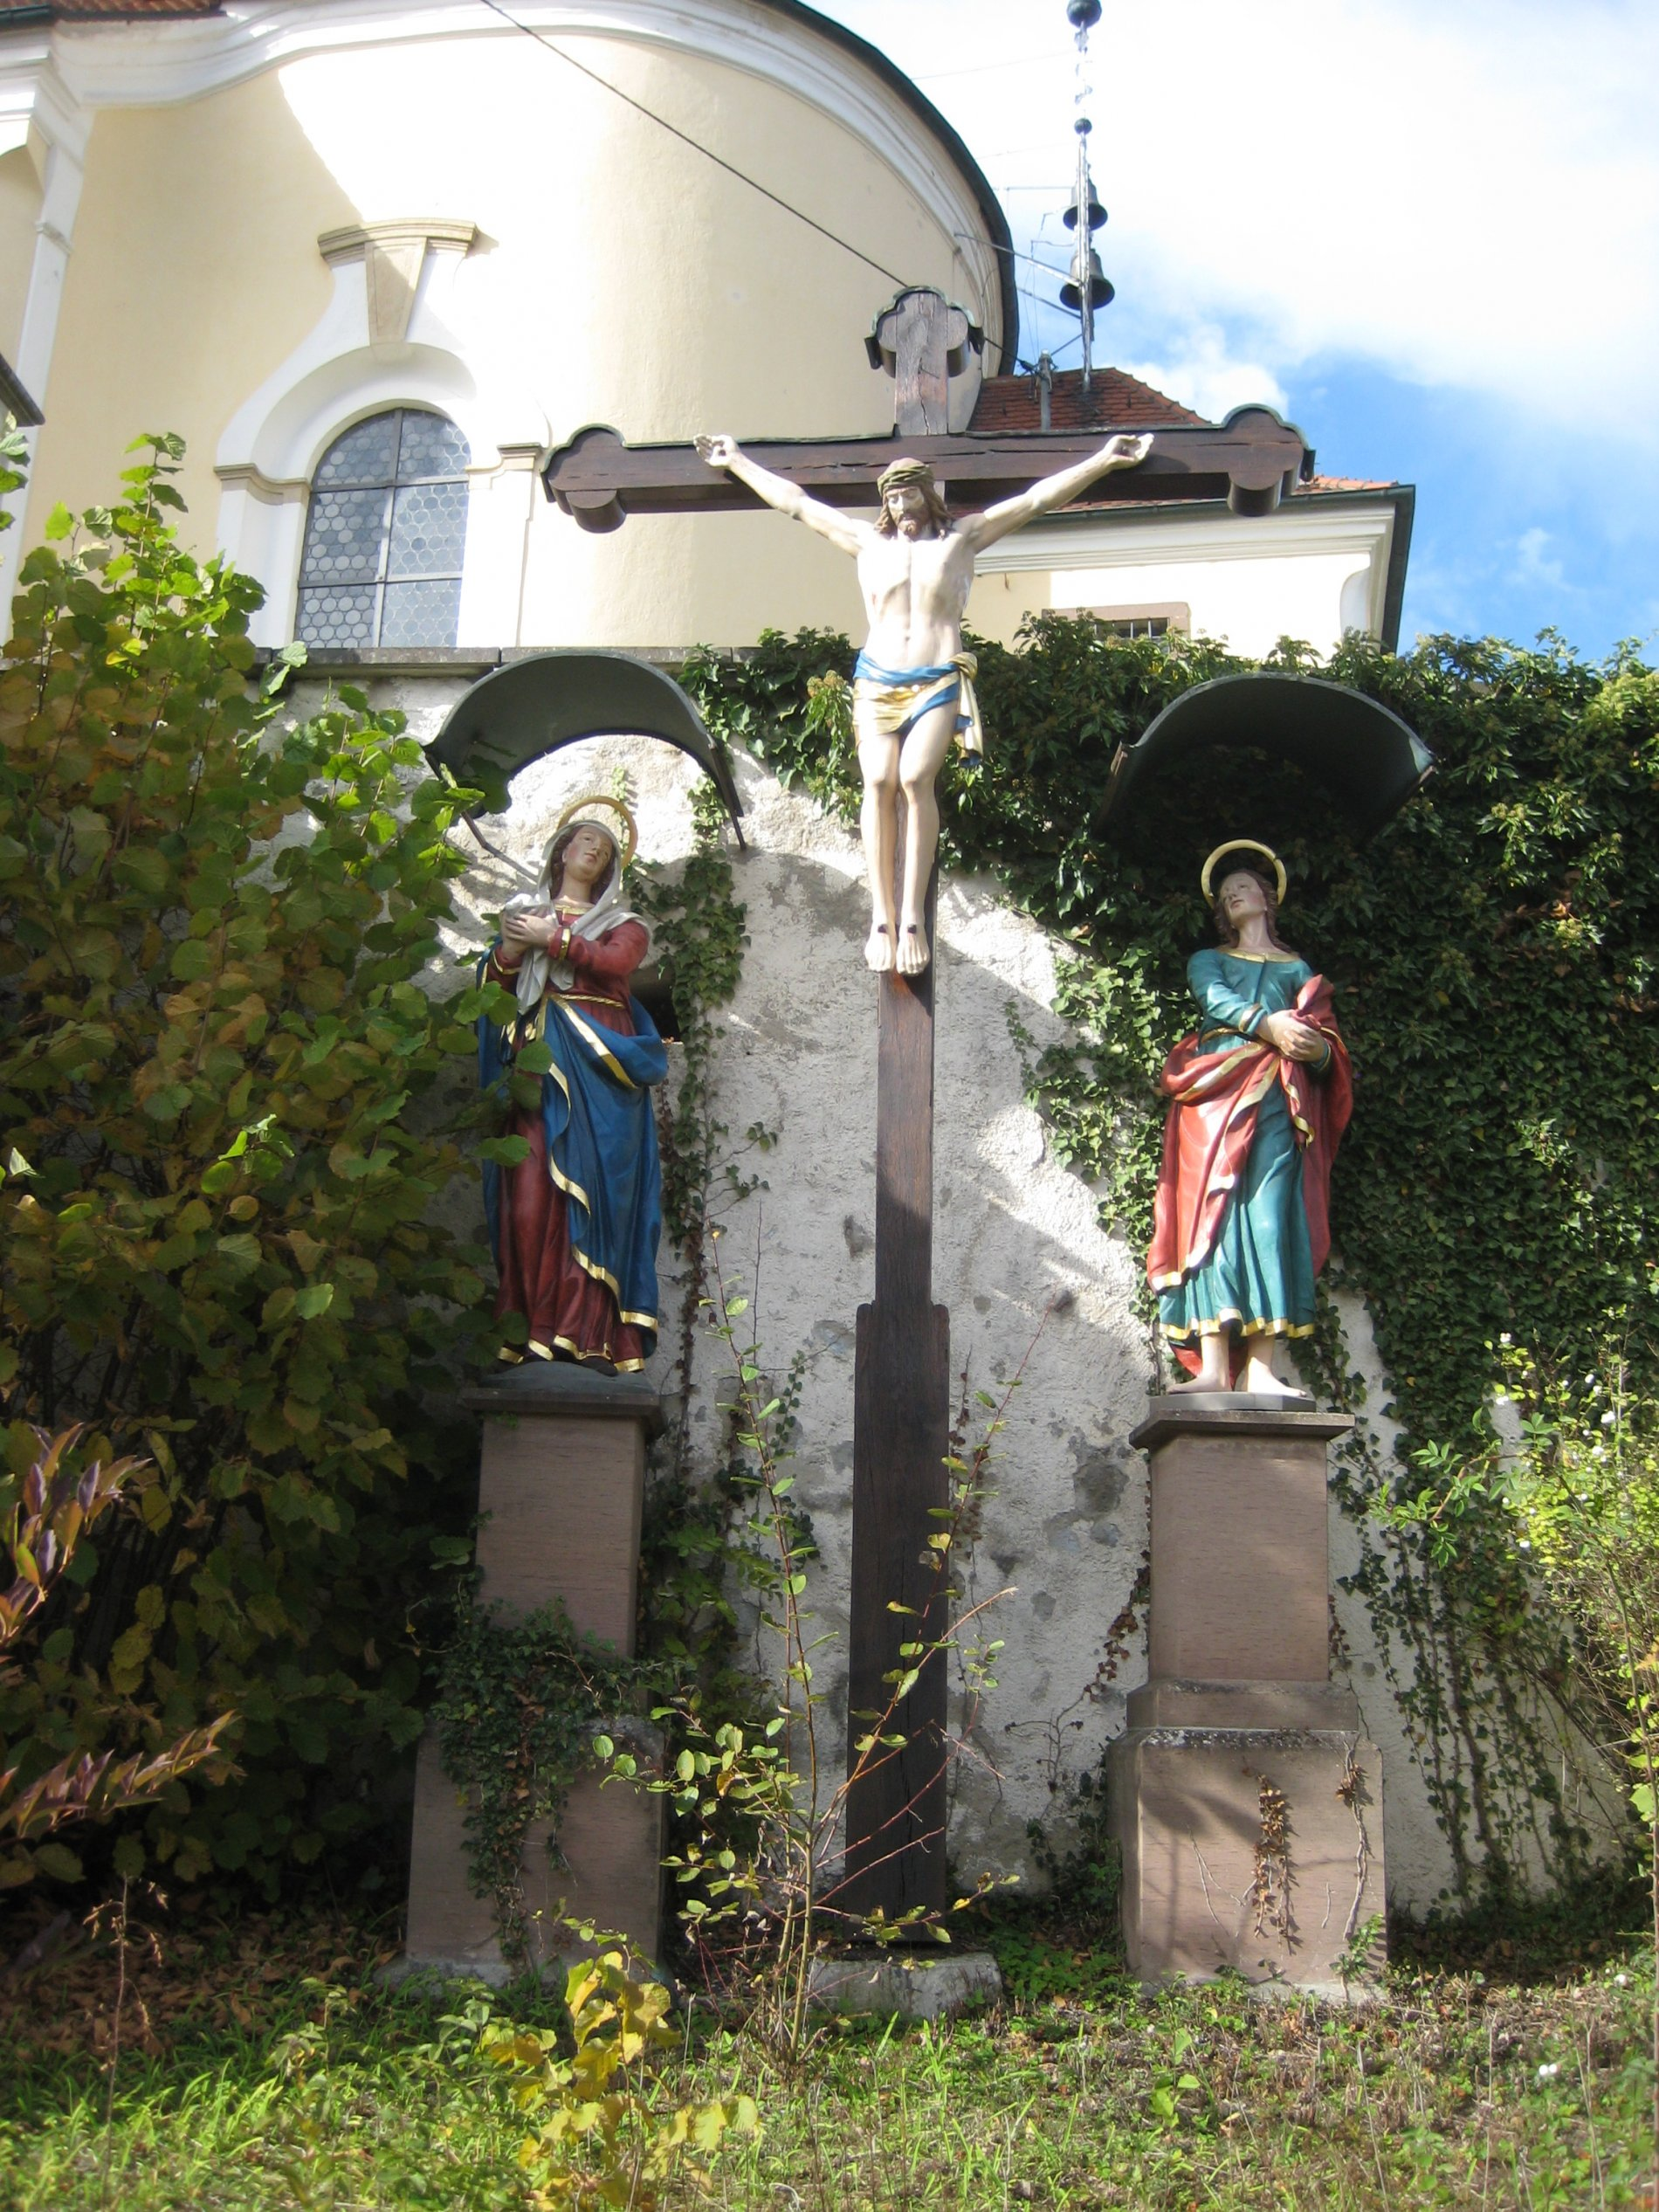 Missionskreuz mit Maria und Johannes an der Umfassungsmauer der St. Annakirche